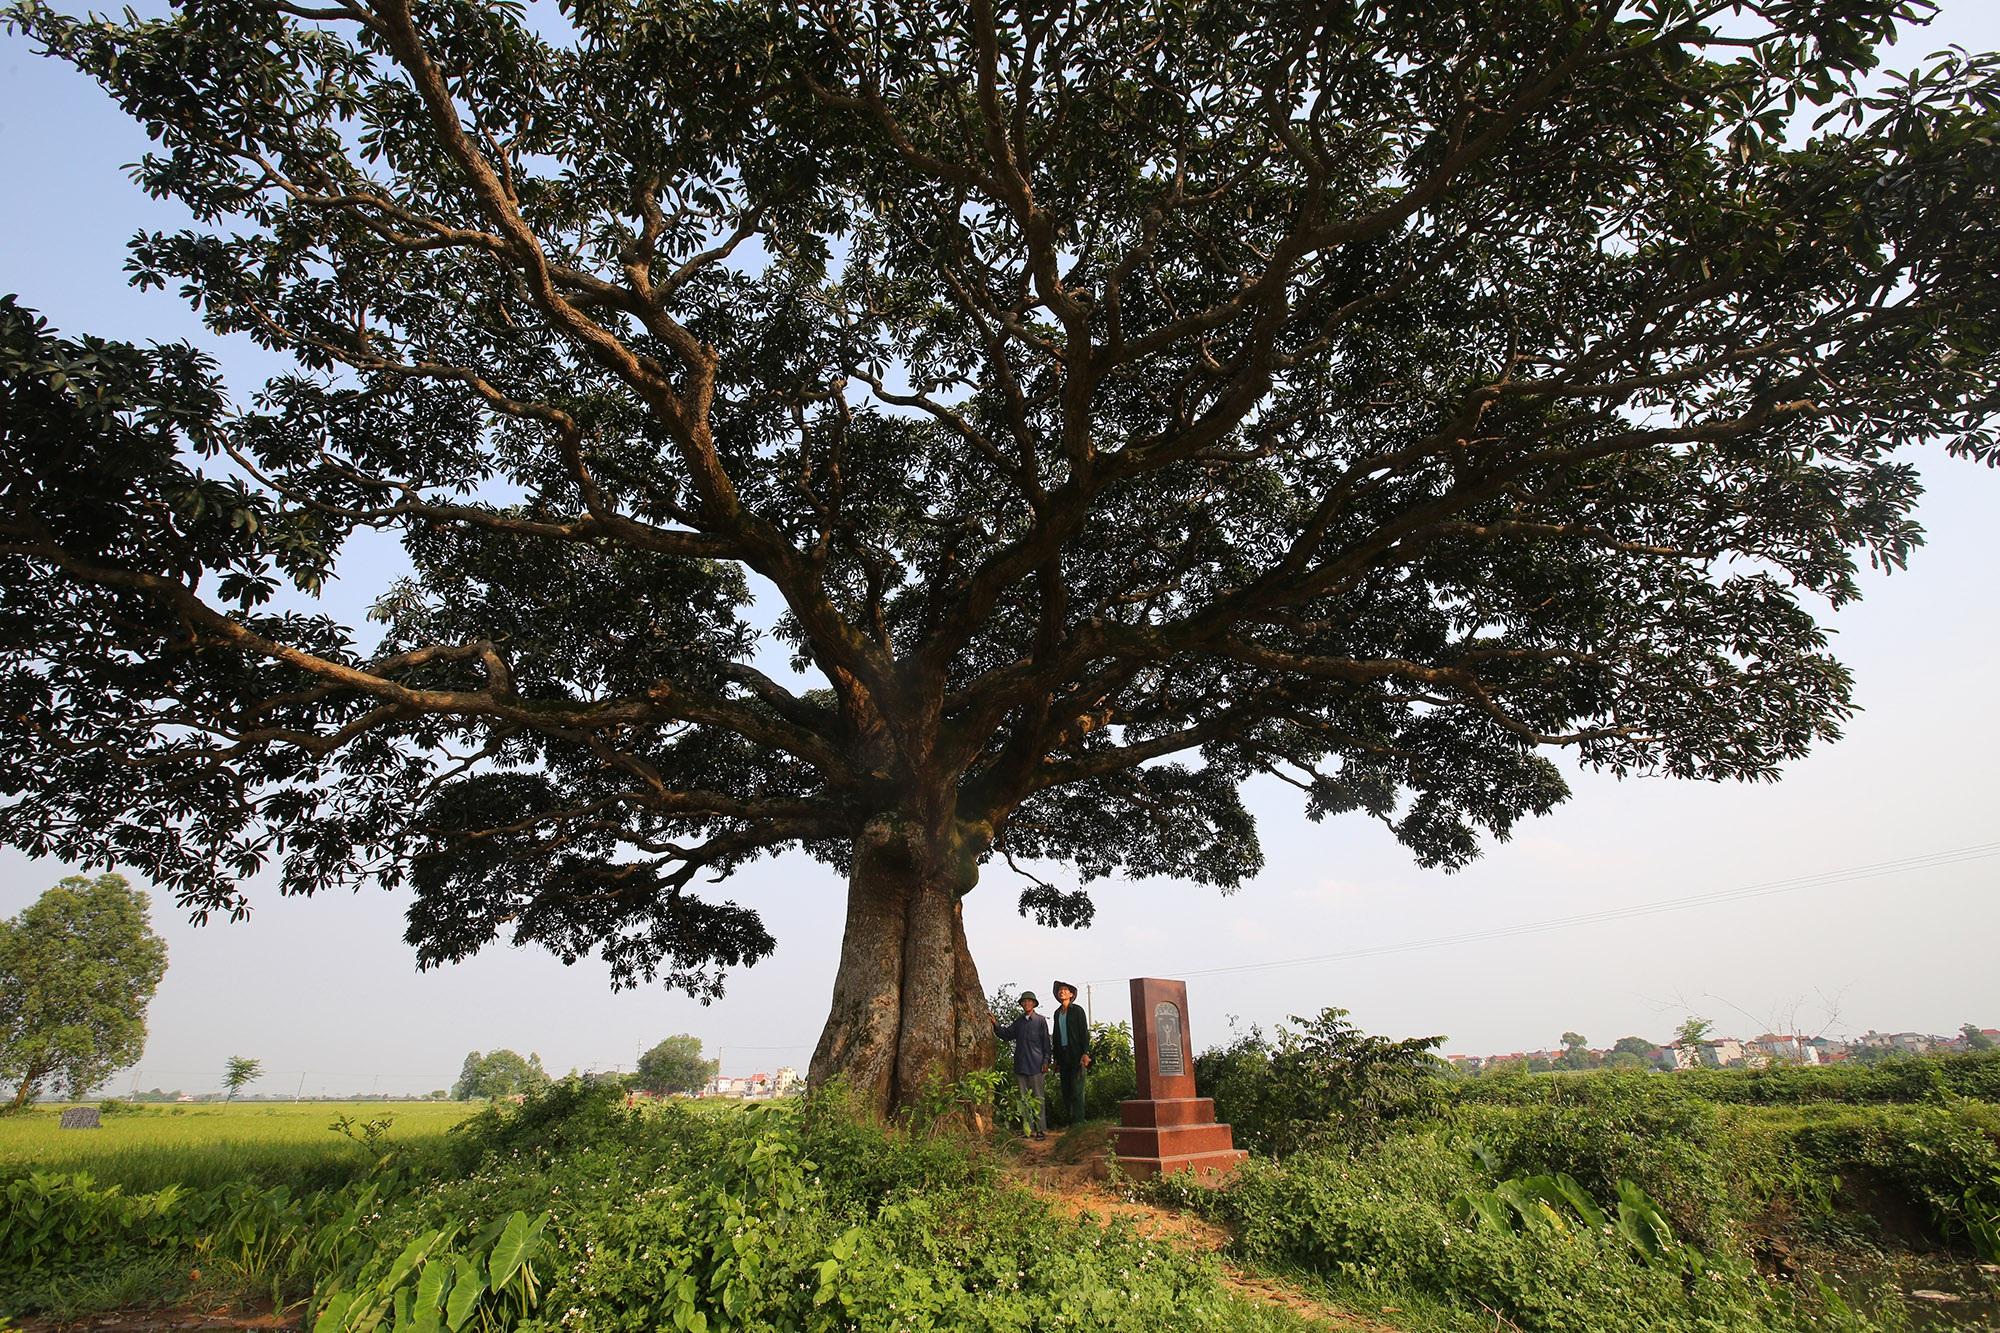 Hà Nội: Cây trôi cô đơn nghìn năm tuổi, báu vật của làng Bình Đà - 7